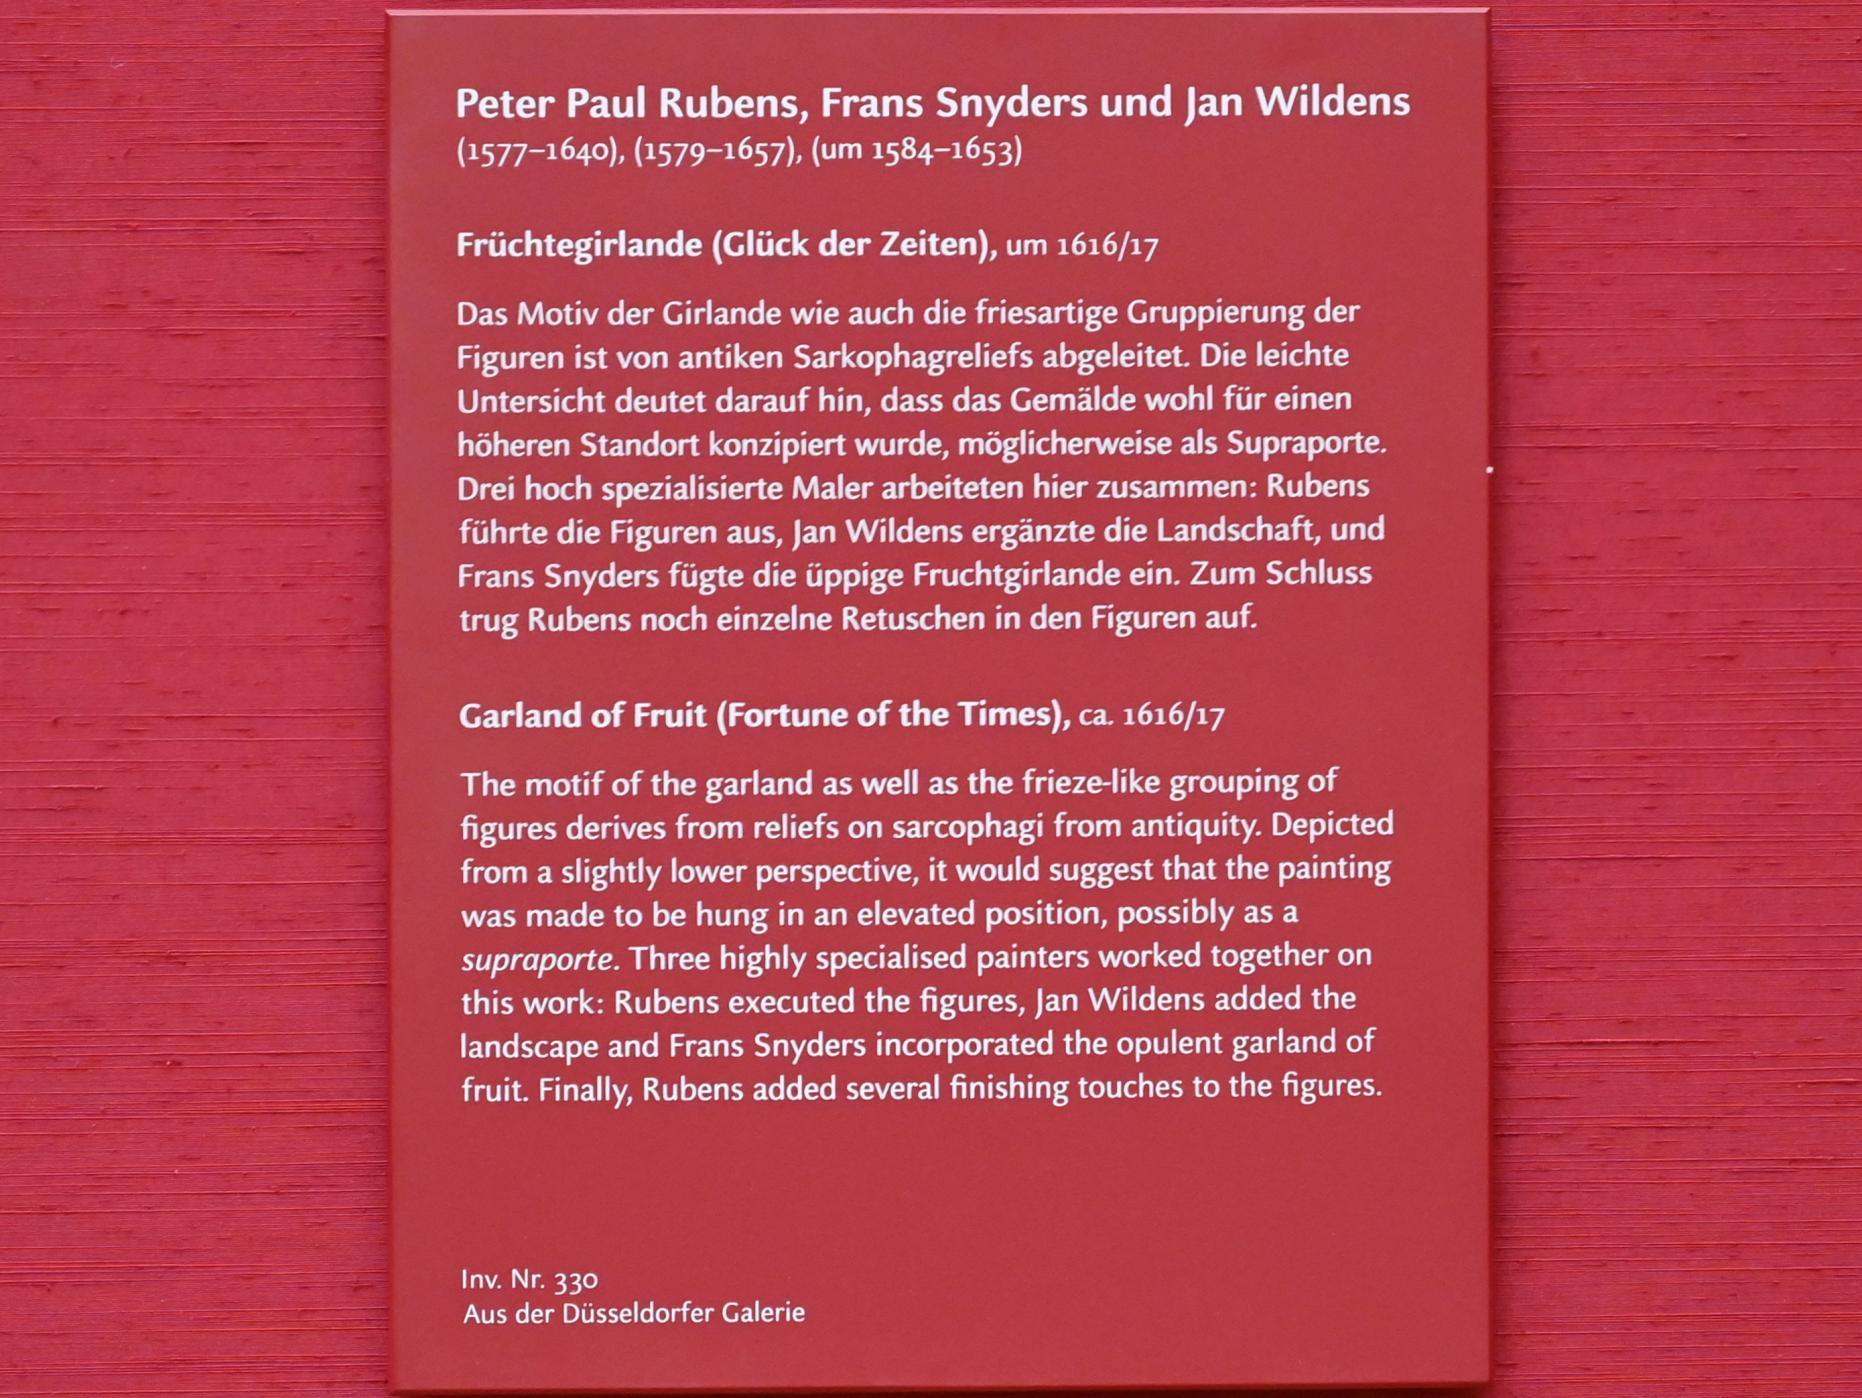 Peter Paul Rubens: Früchtegirlande, 1616 - 1617, Bild 2/2